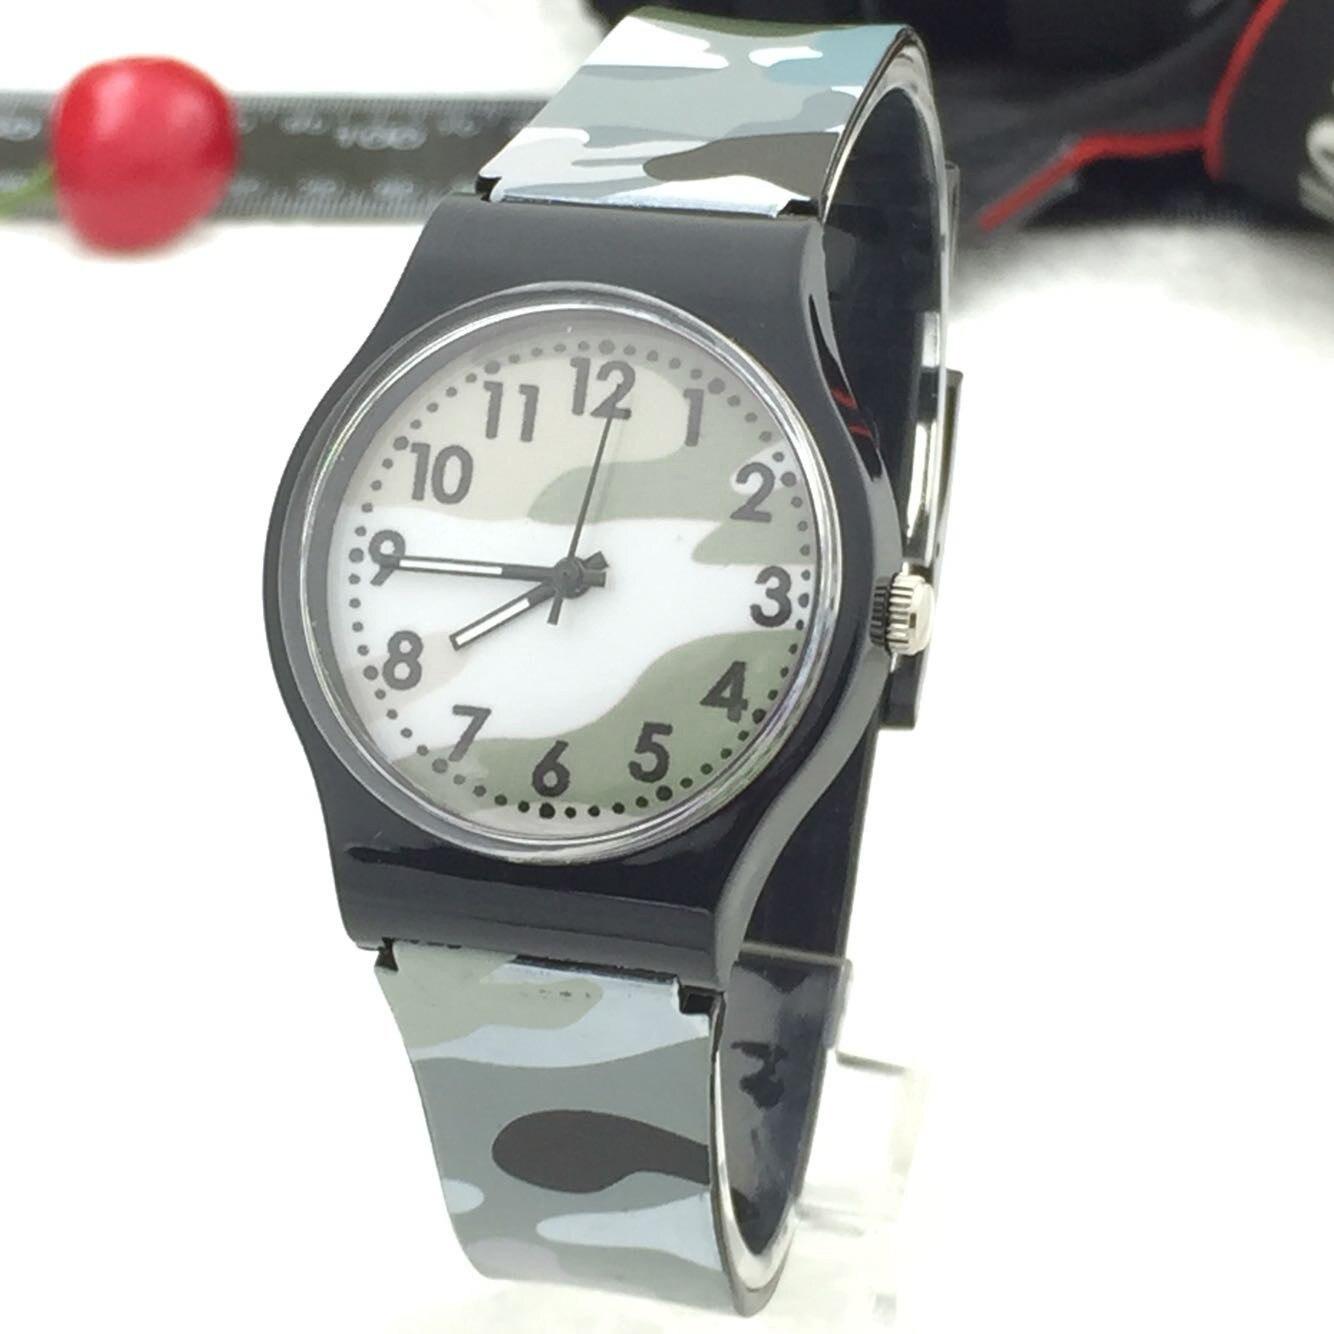 Children's watch 2019 Camouflage Children Watch Quartz Wristwatch For Girls Boy Wristwatch Clock Gift High Quality Dropship#7